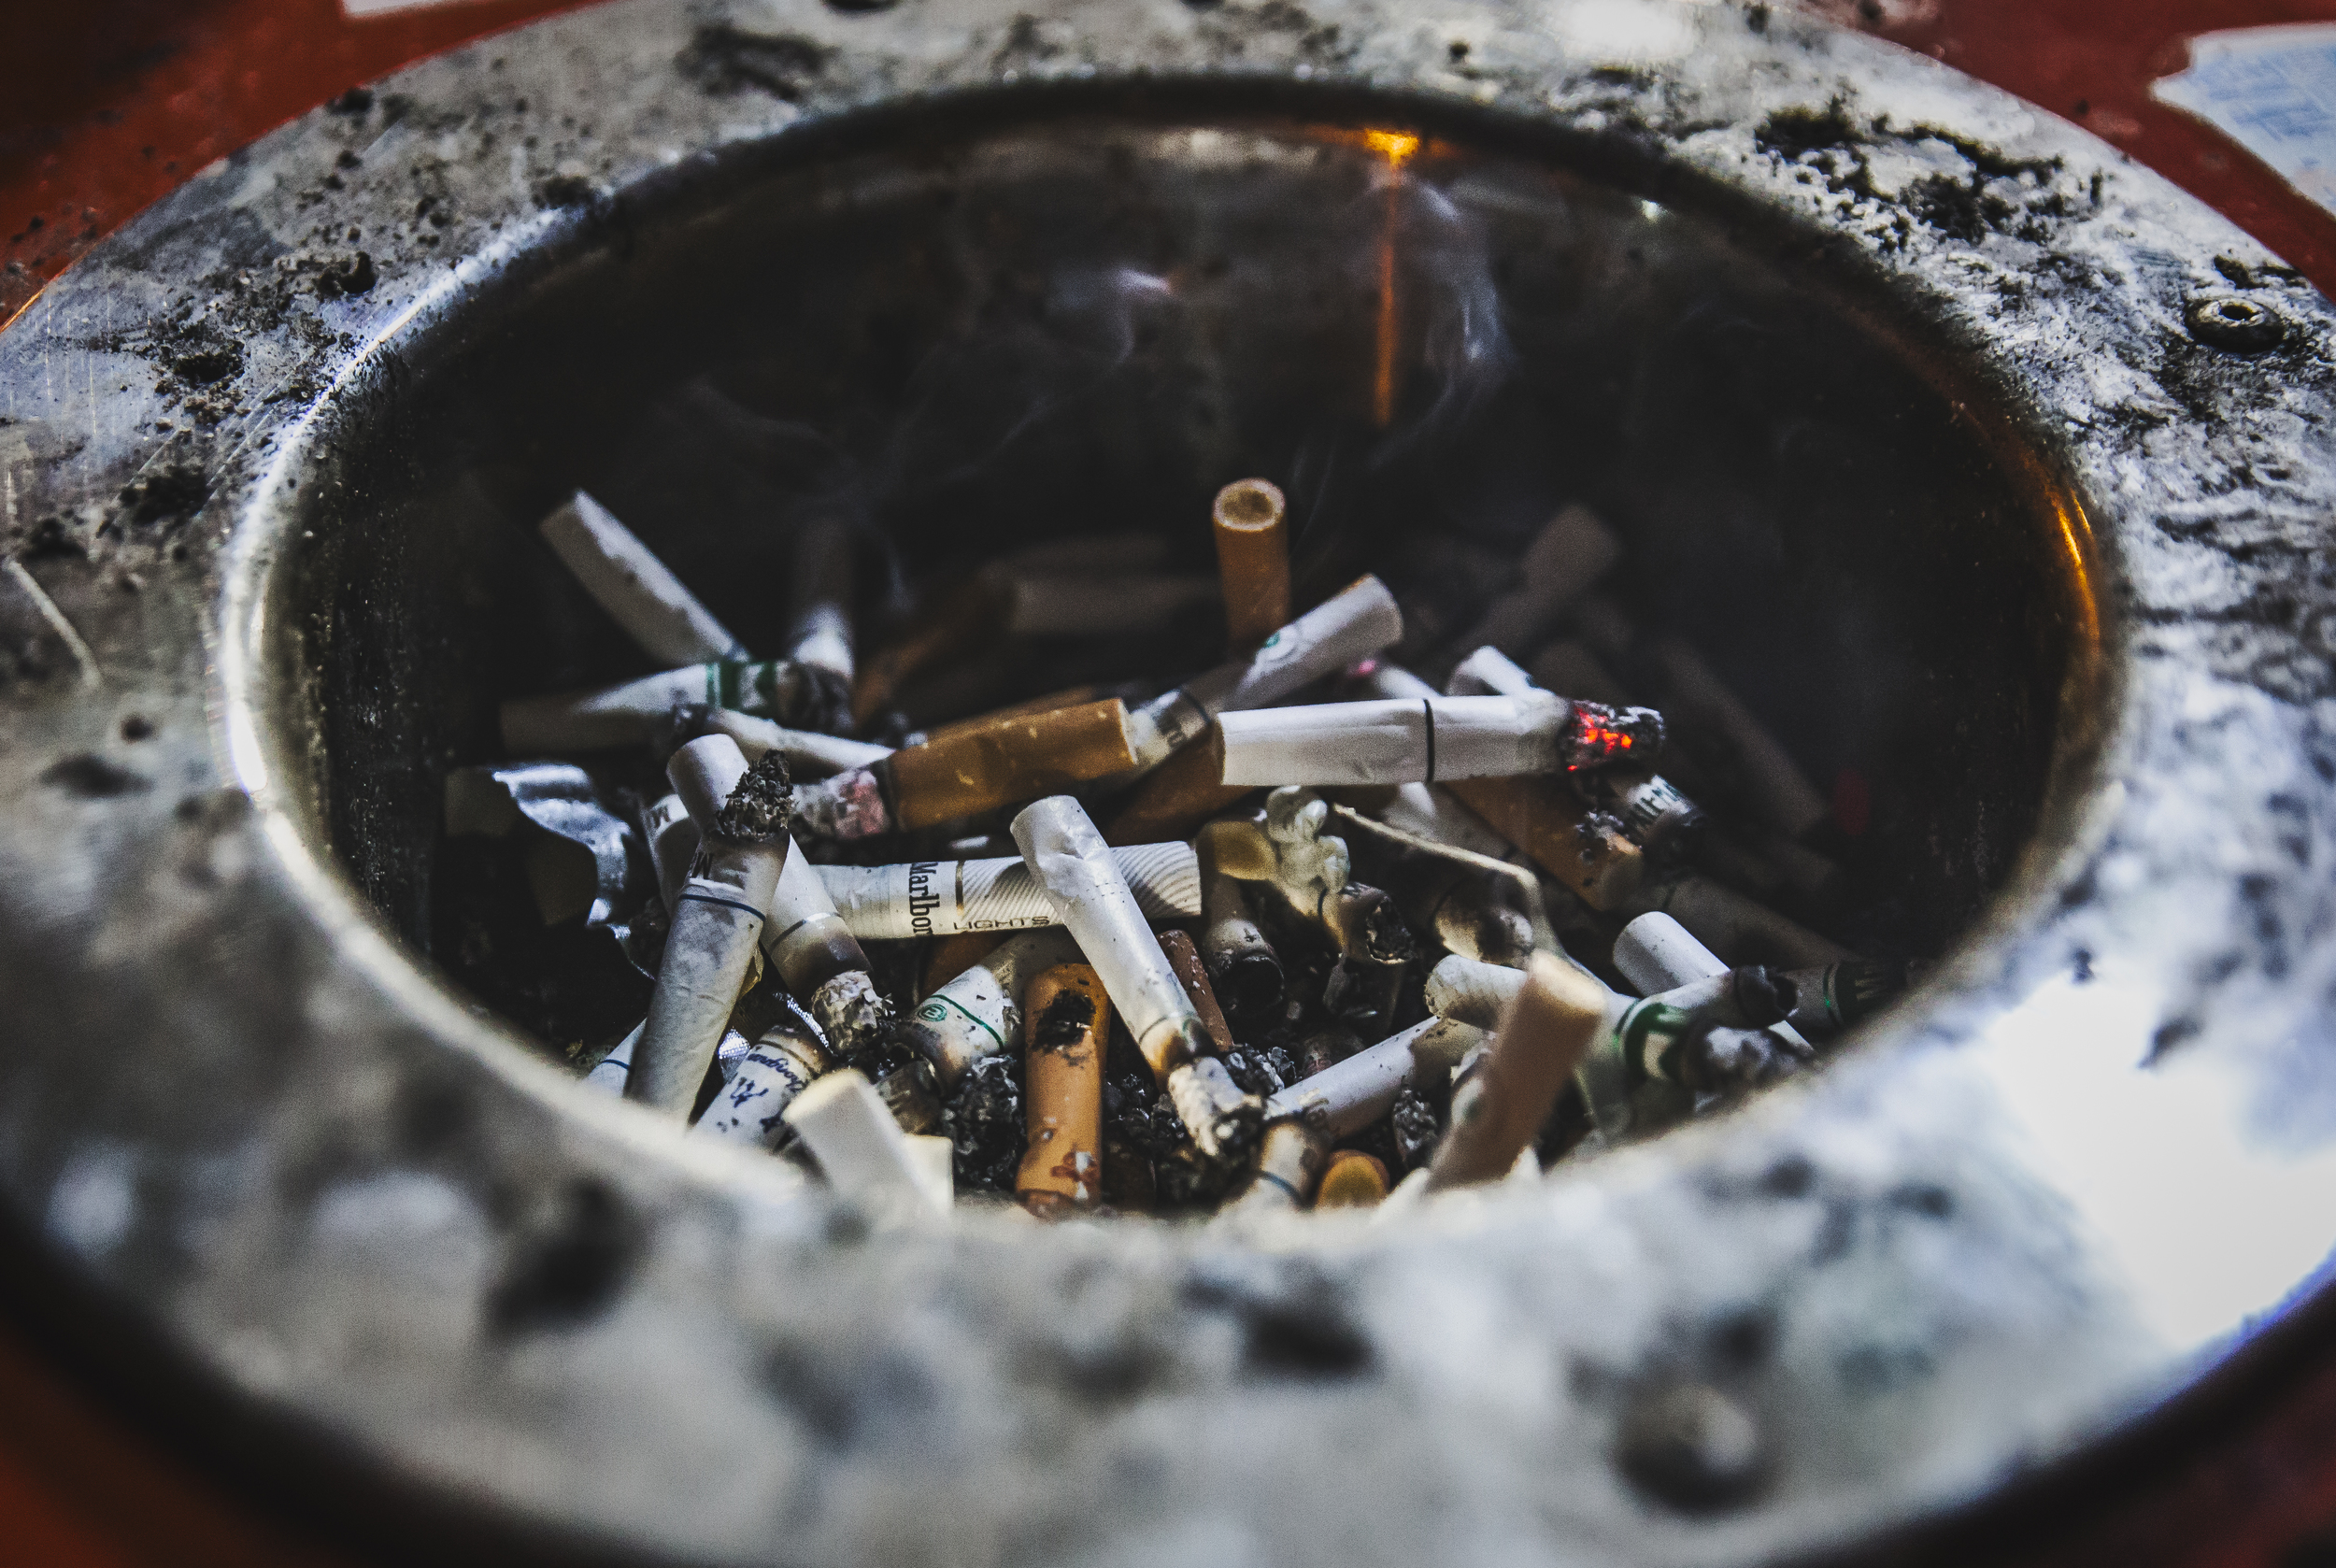 Smoking the Golden Week away